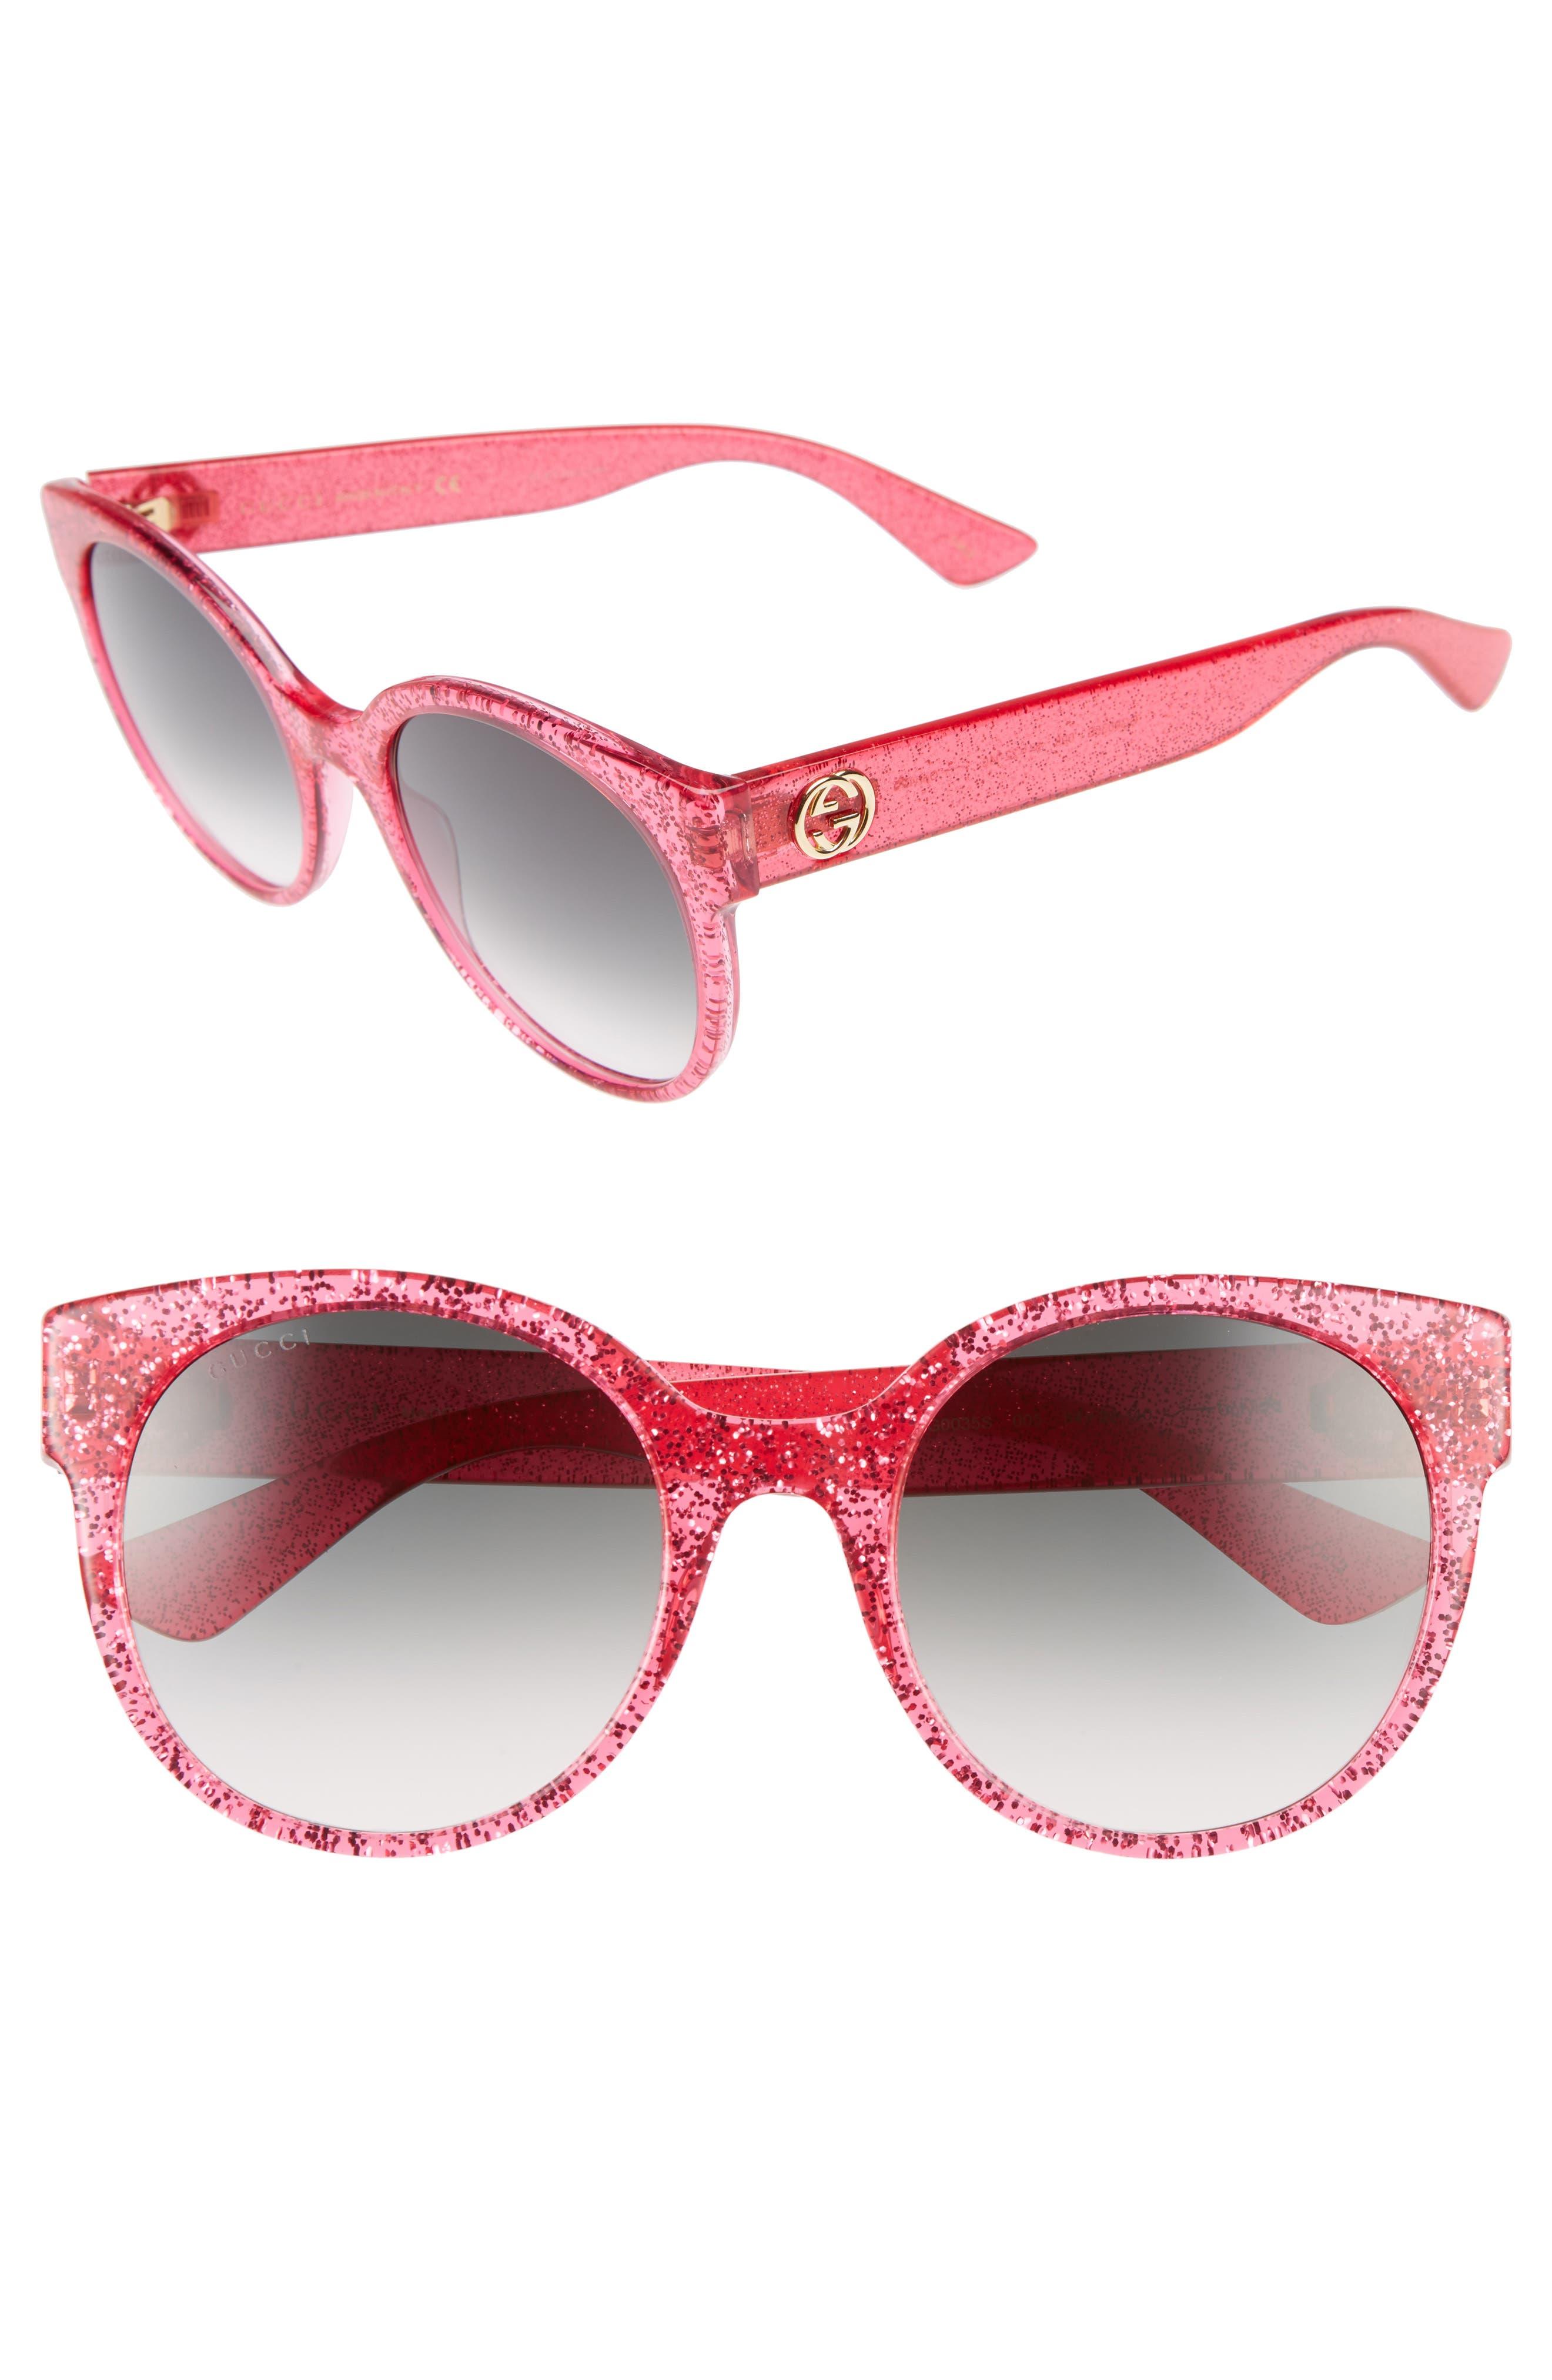 GUCCI 54mm Glitter Sunglasses